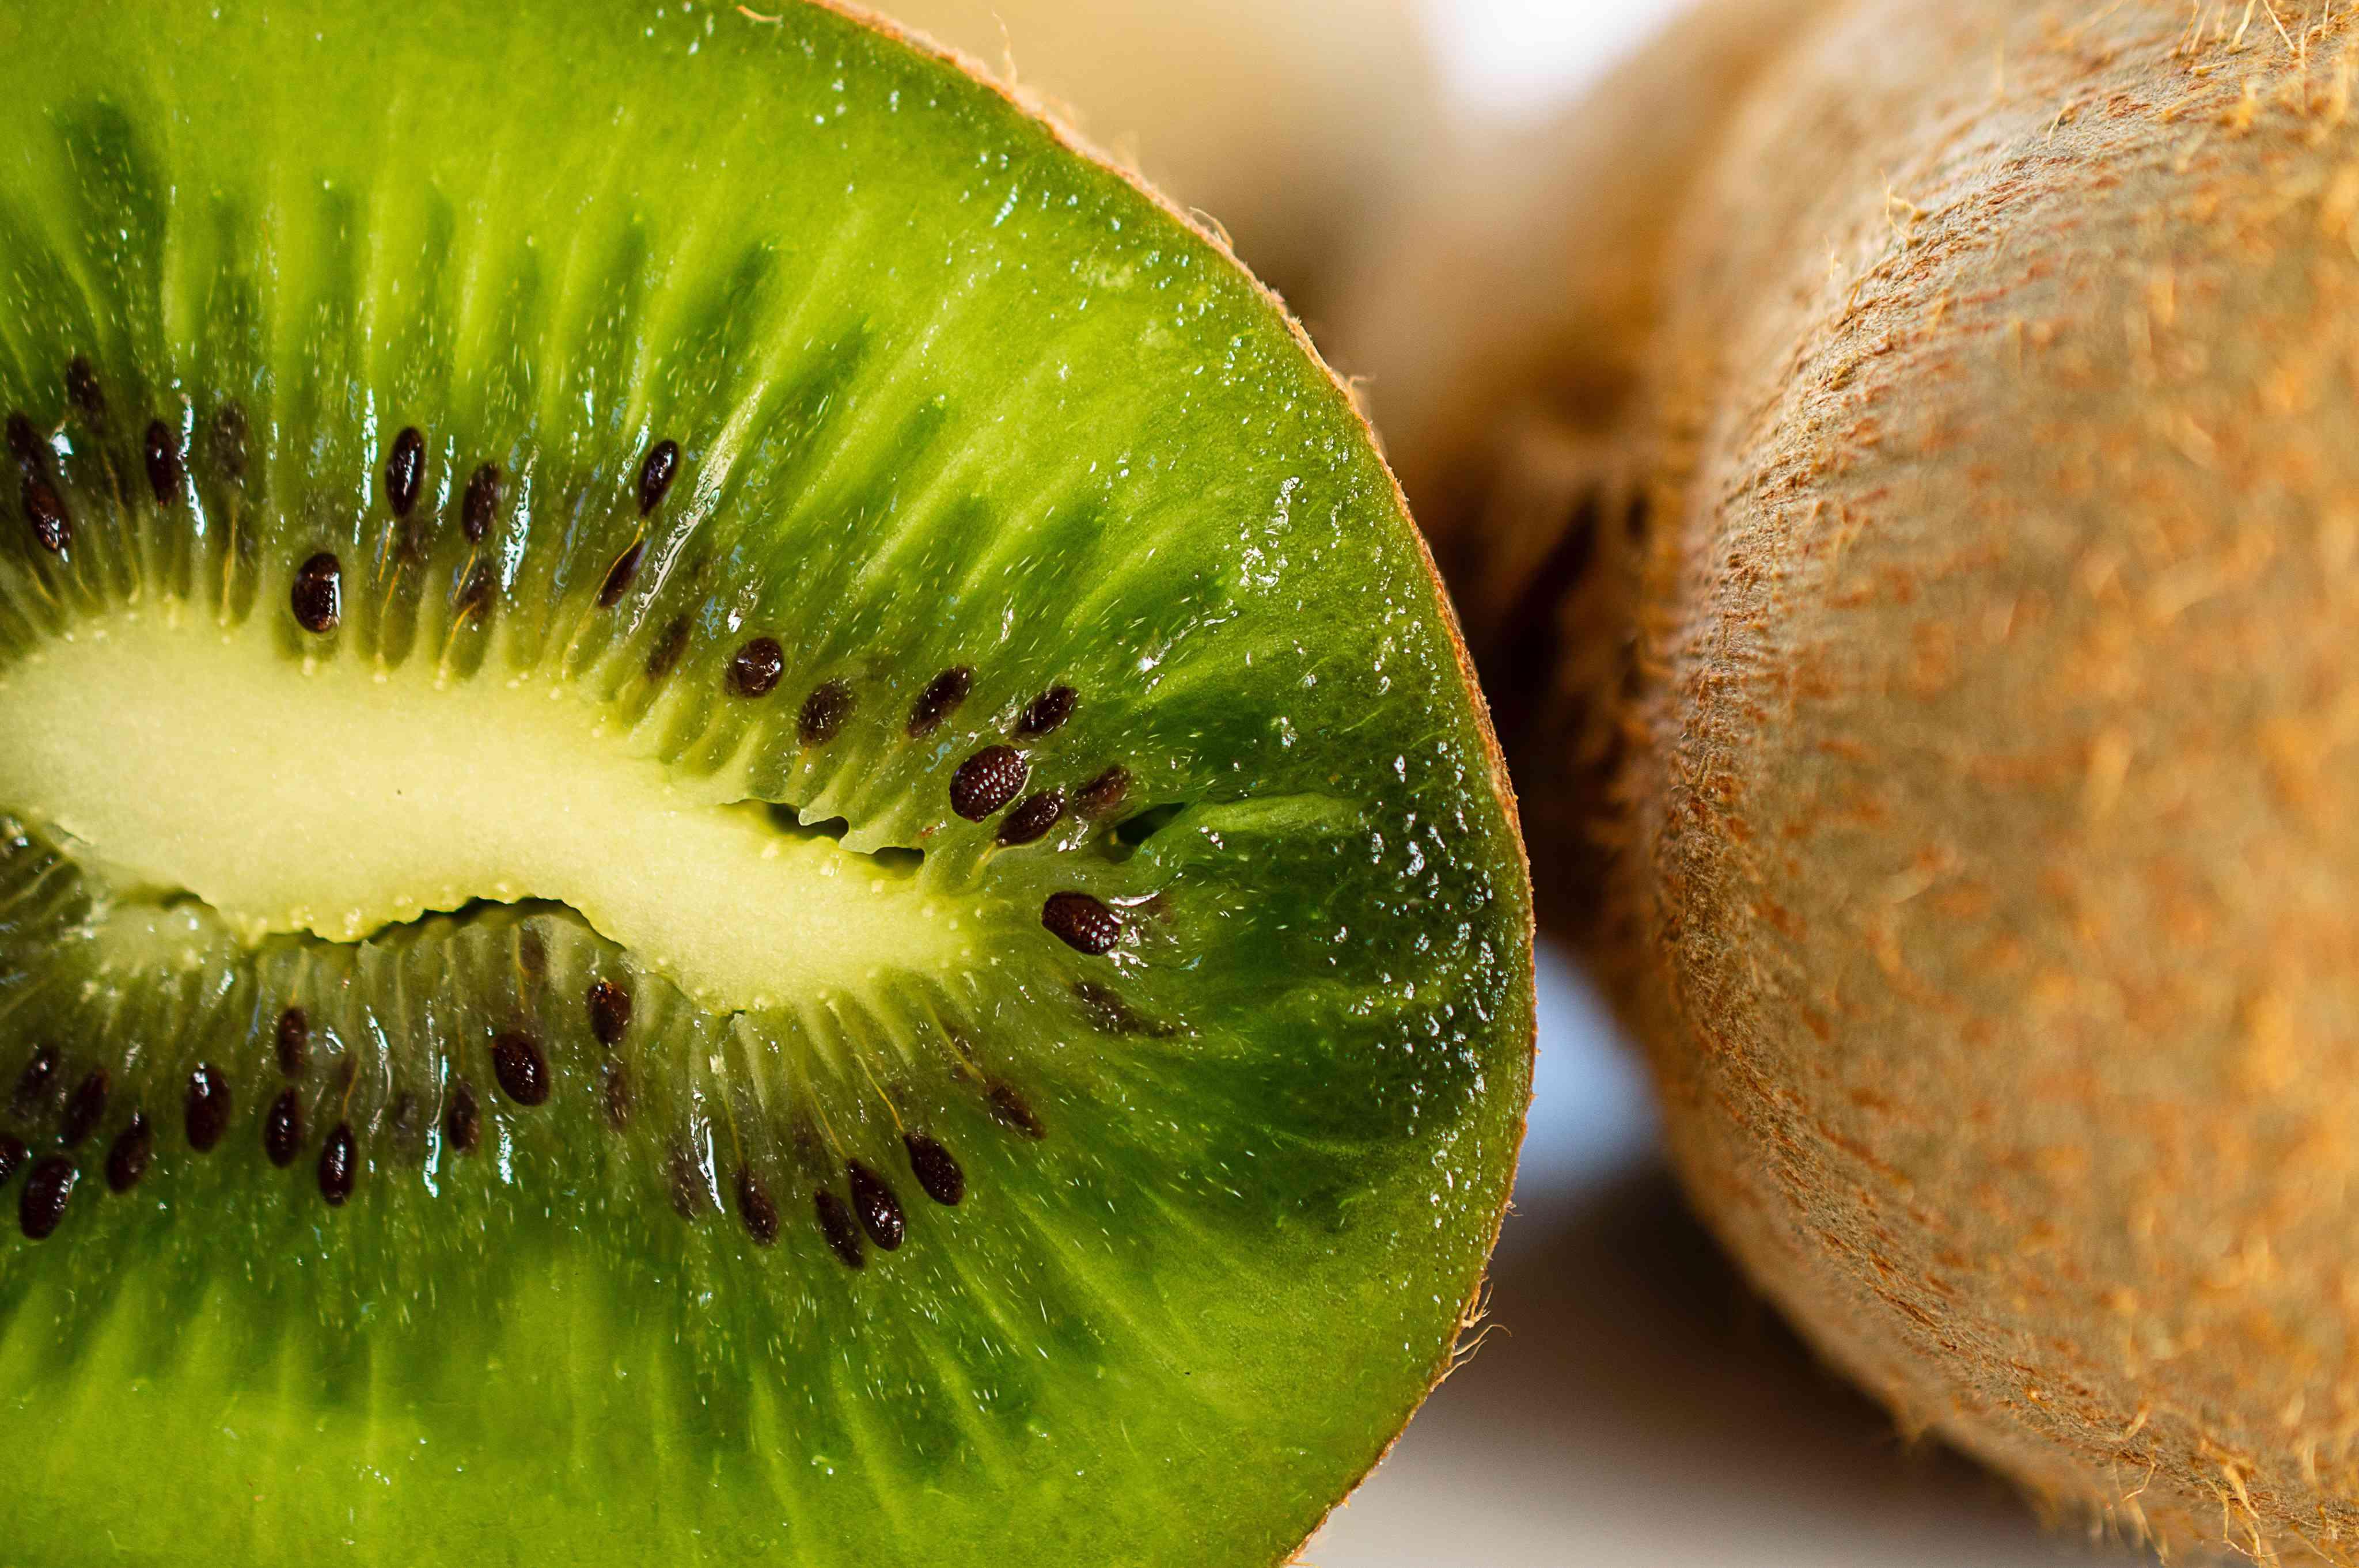 10 loại trái cây tốt nhất cho cơ thể - 4